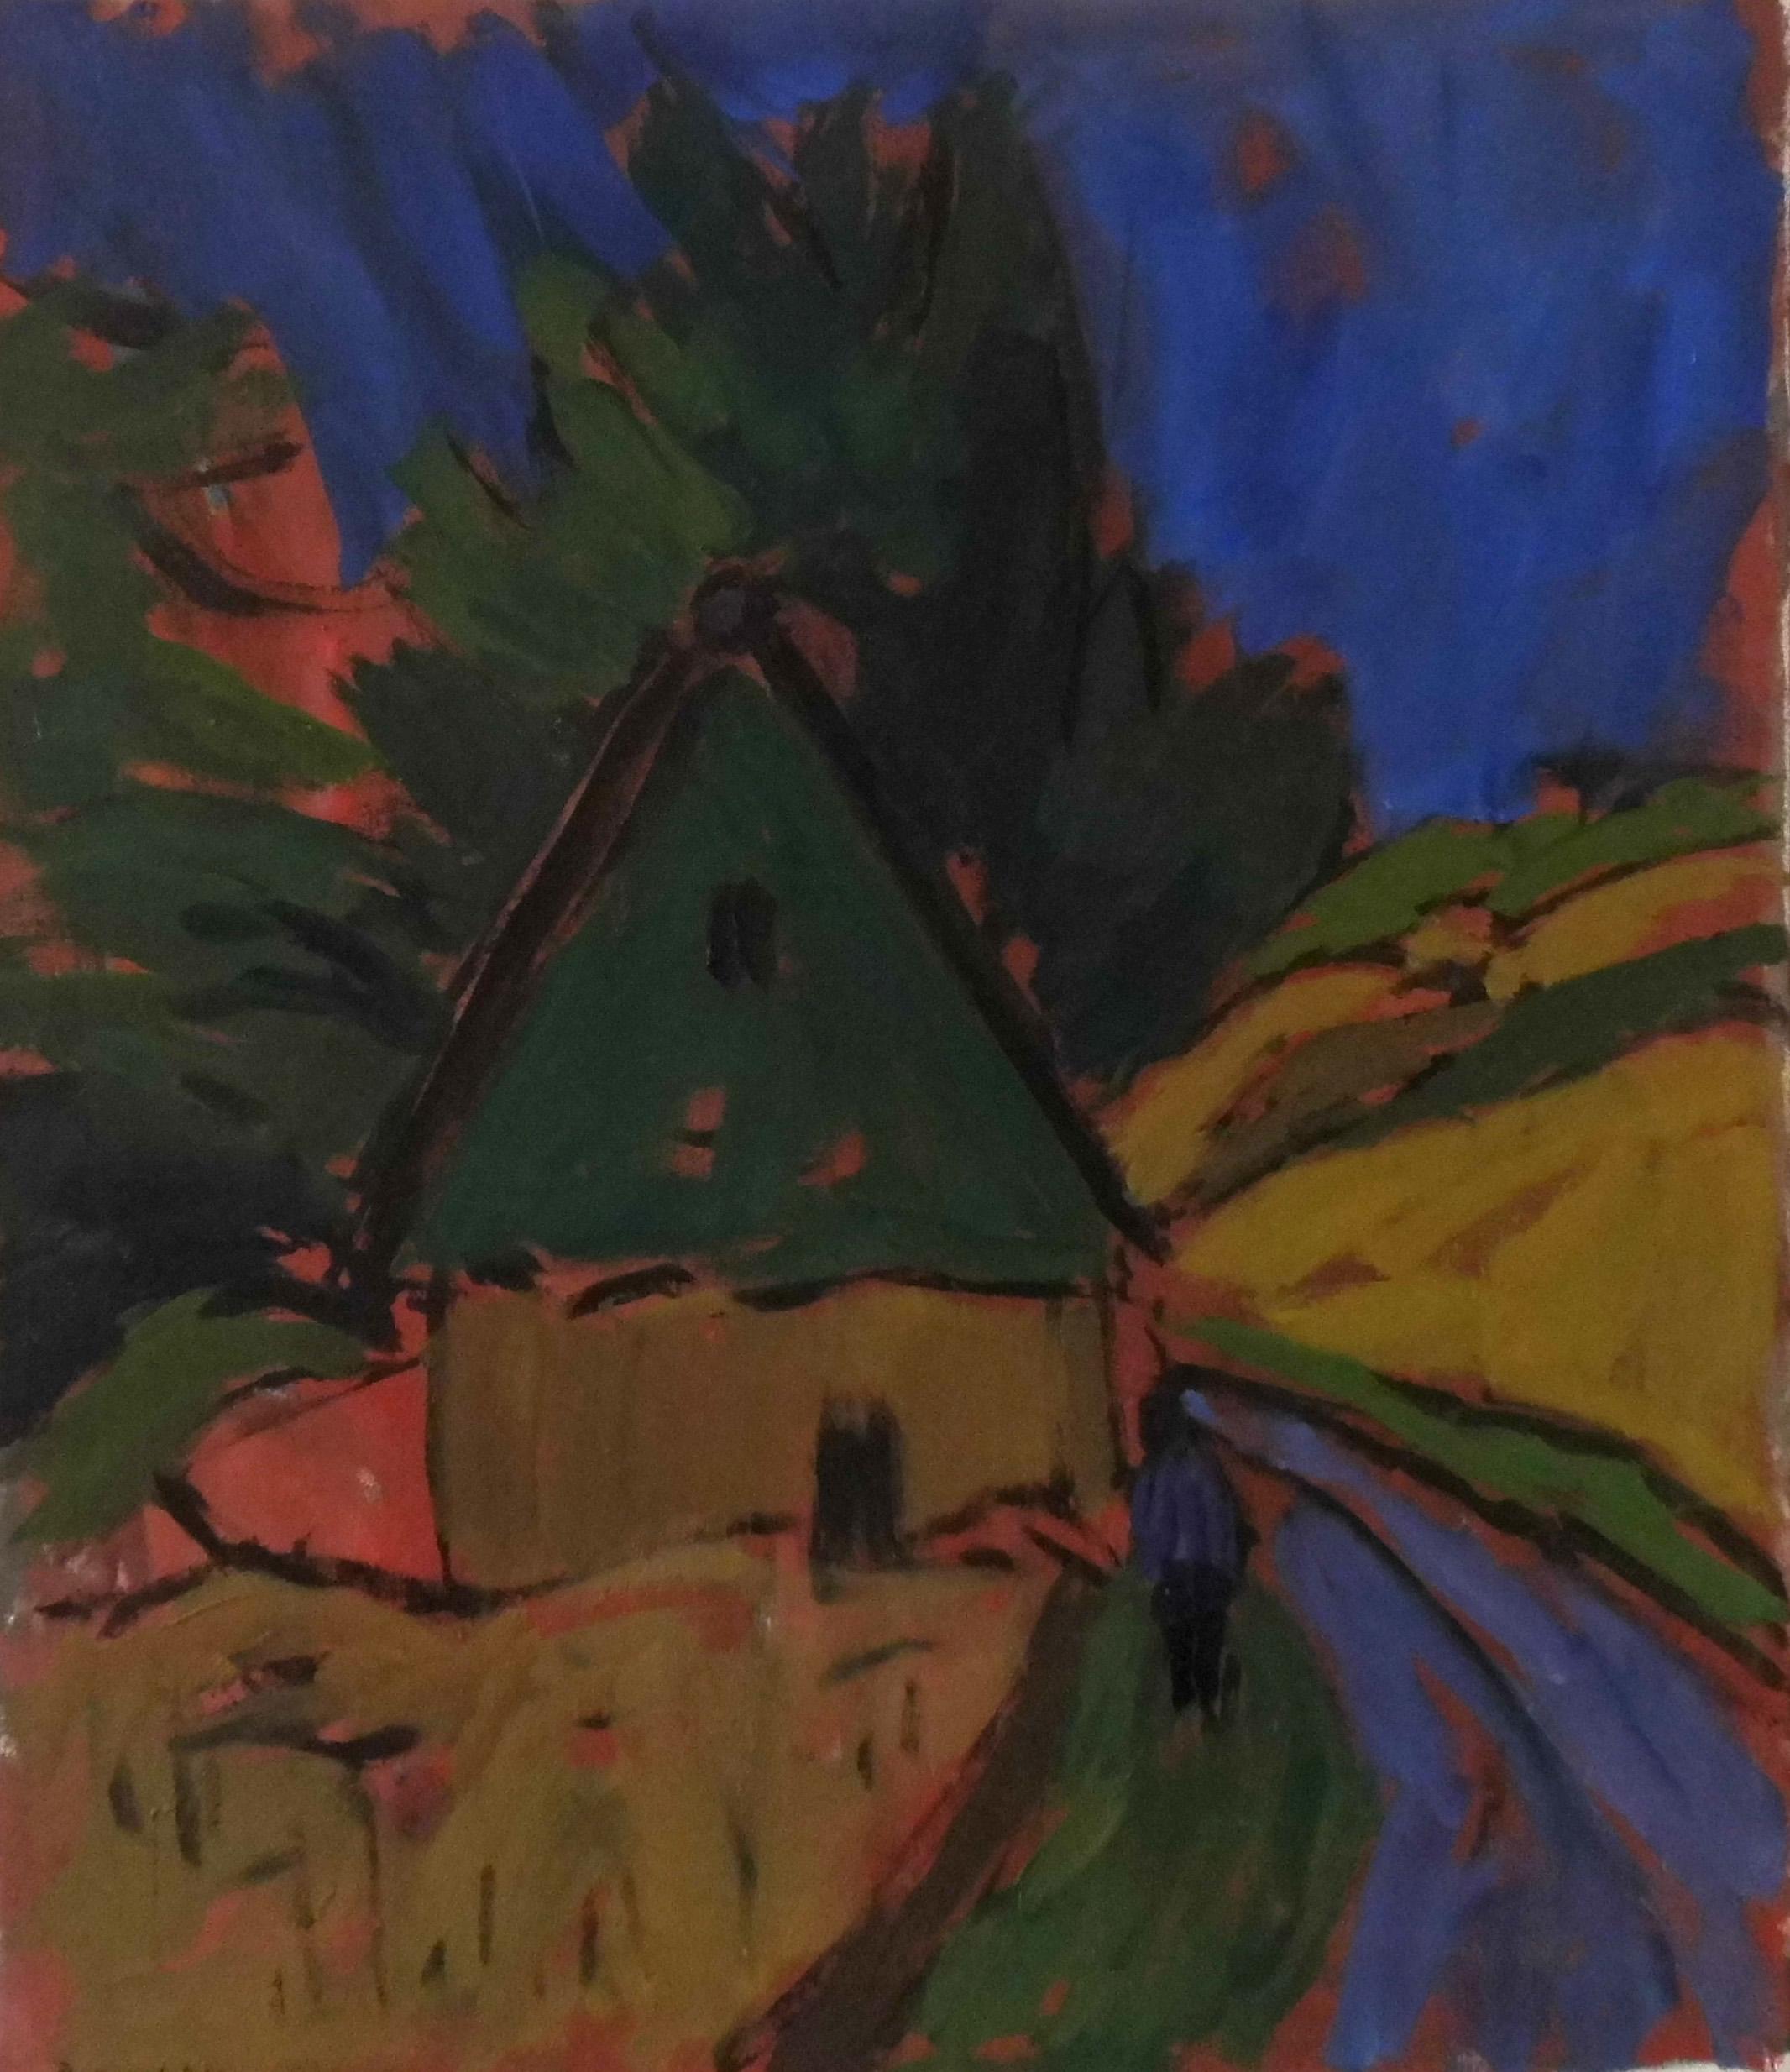 09-klaus_roenspiess-daenische_landschaft-2008-oel_auf_leinwand-65x75